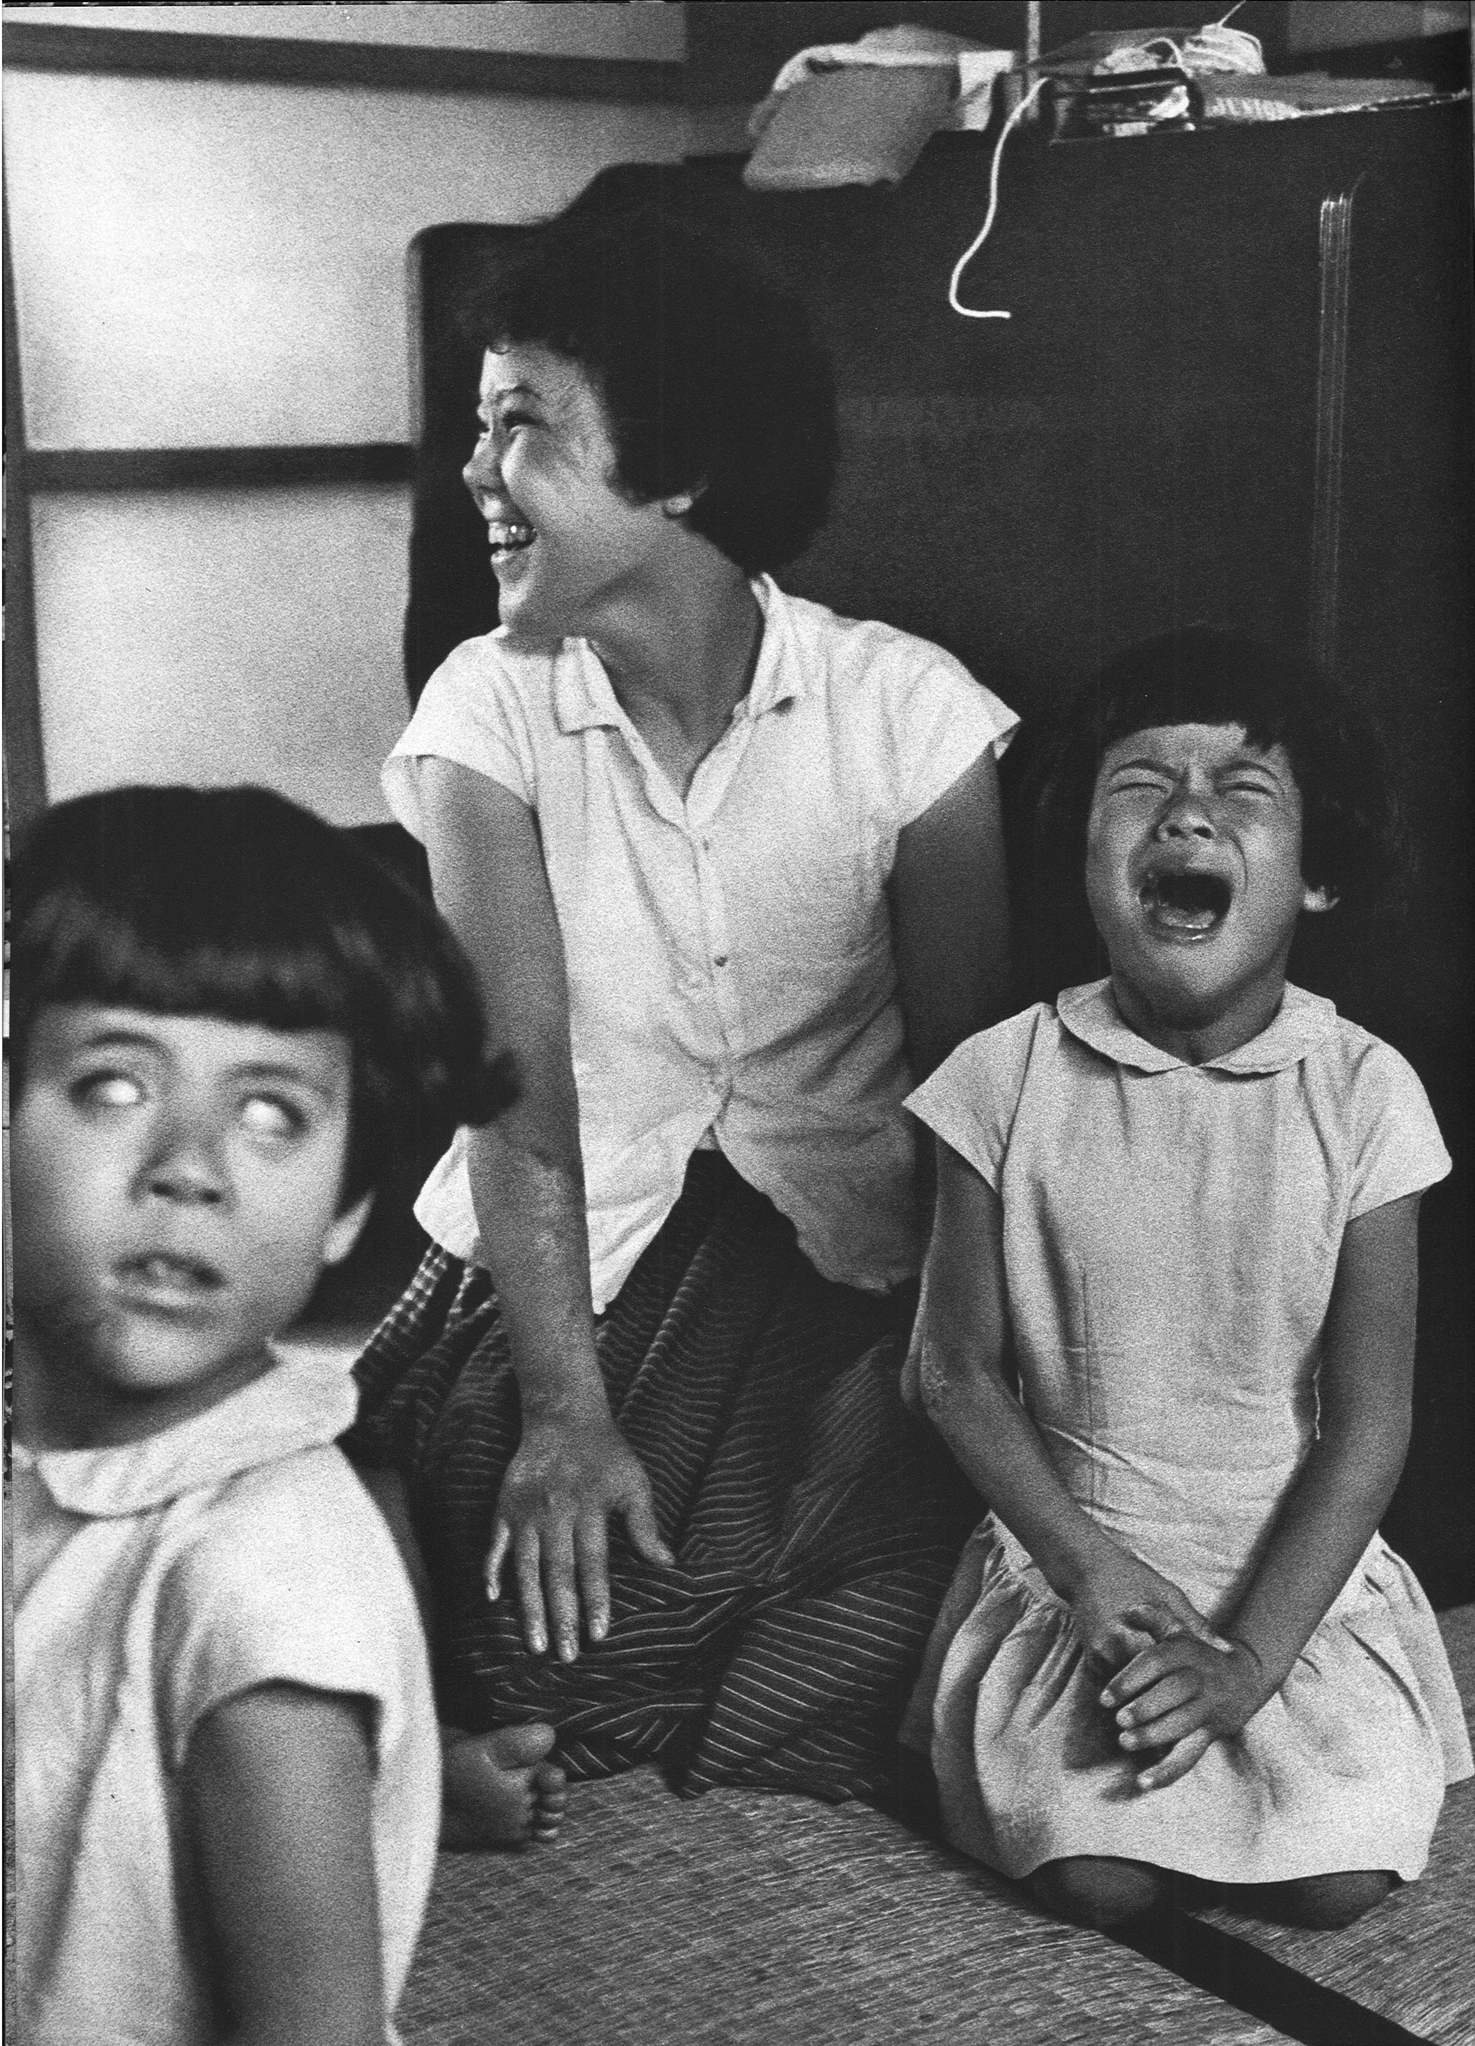 domon_hiroshima 1958